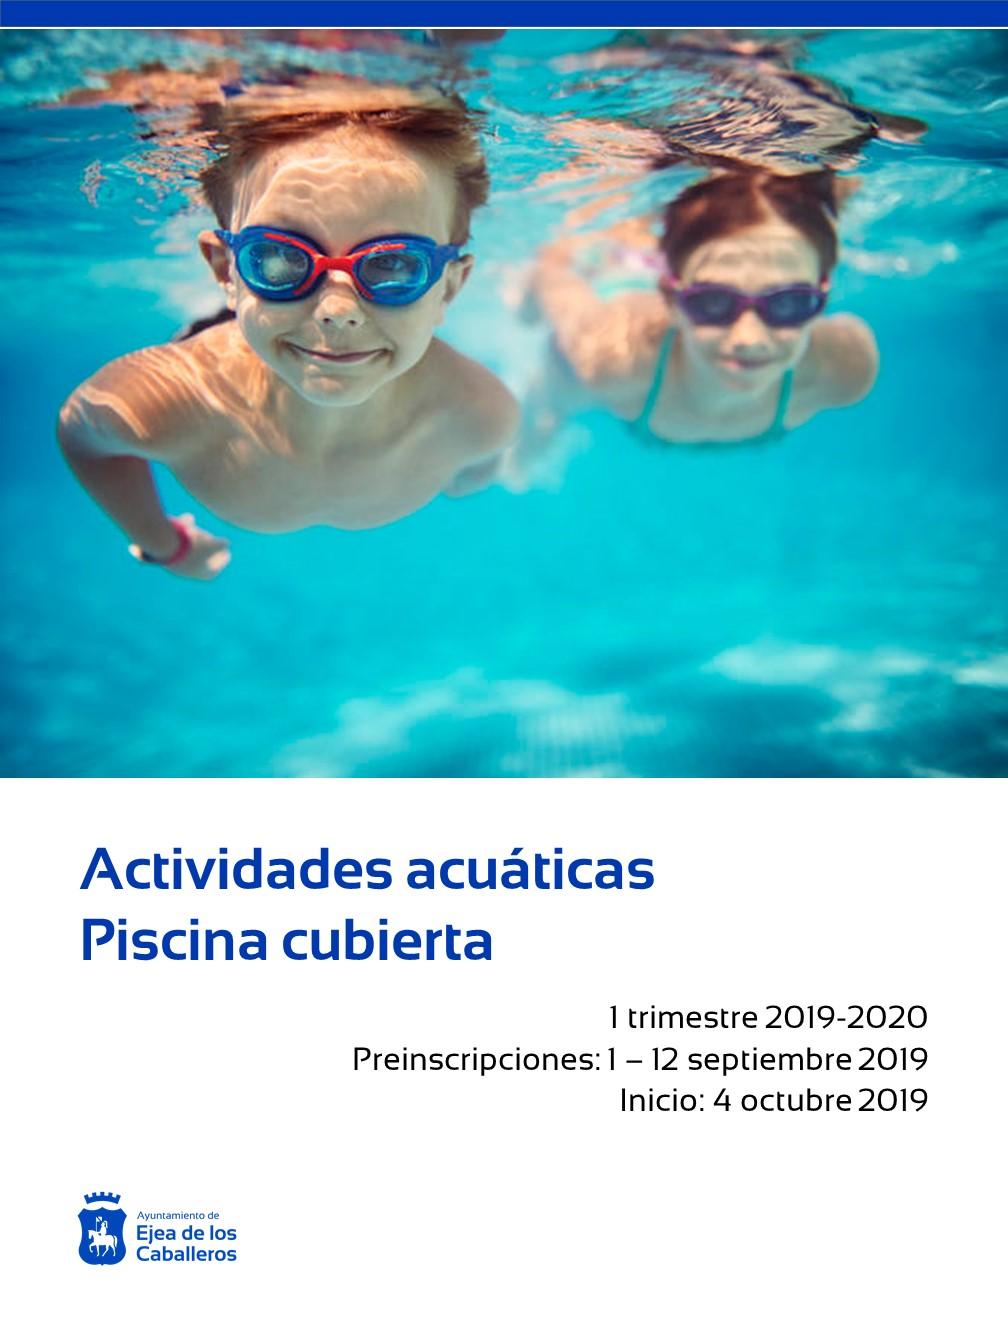 Comienza el plazo de preinscripción de las actividades acuáticas de la piscina cubierta